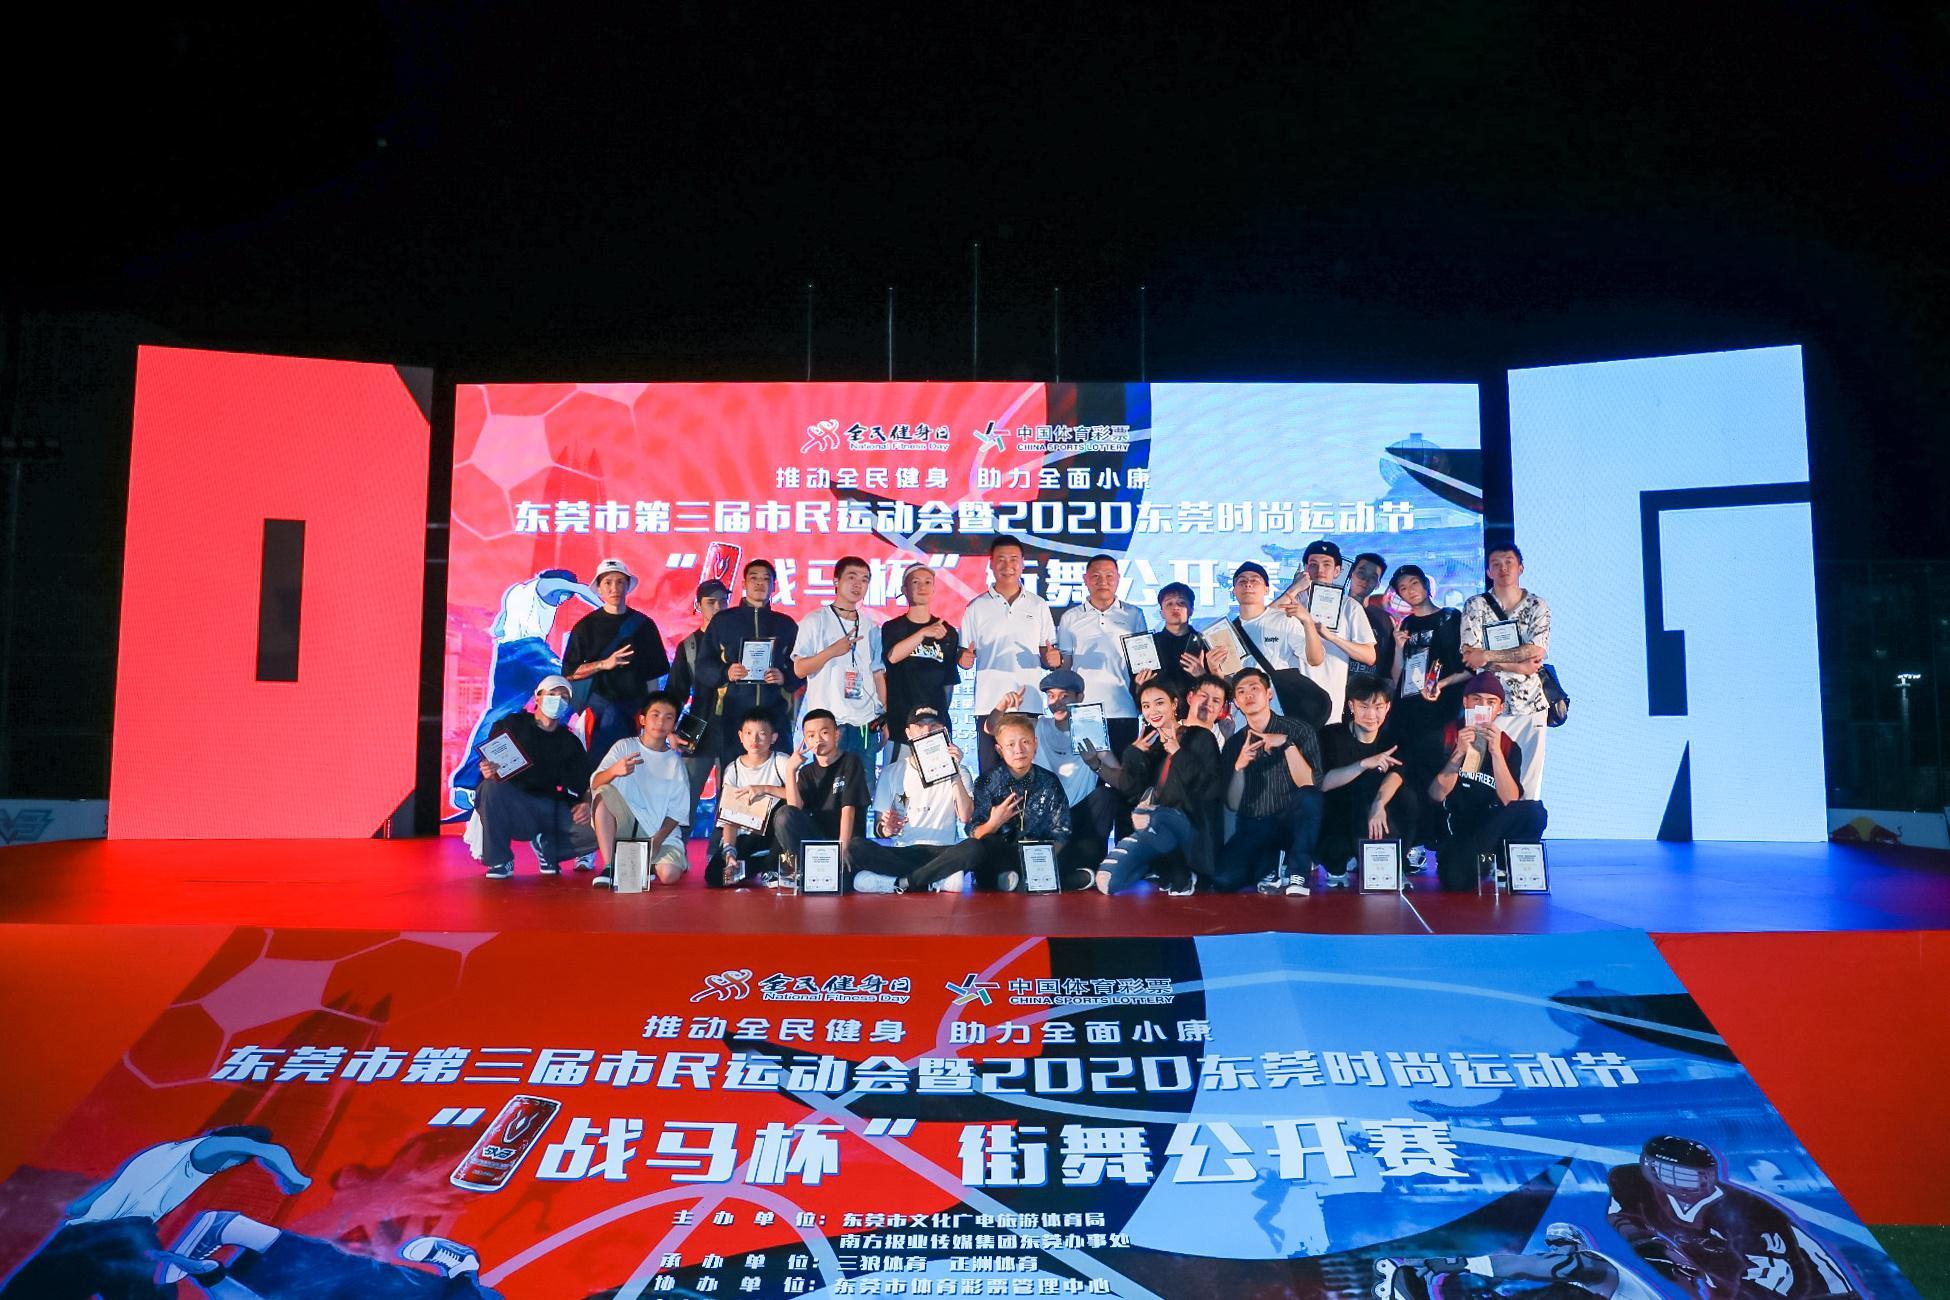 用舞动彰显个性,释放活力 2020东莞时尚运动节街舞公开赛举行